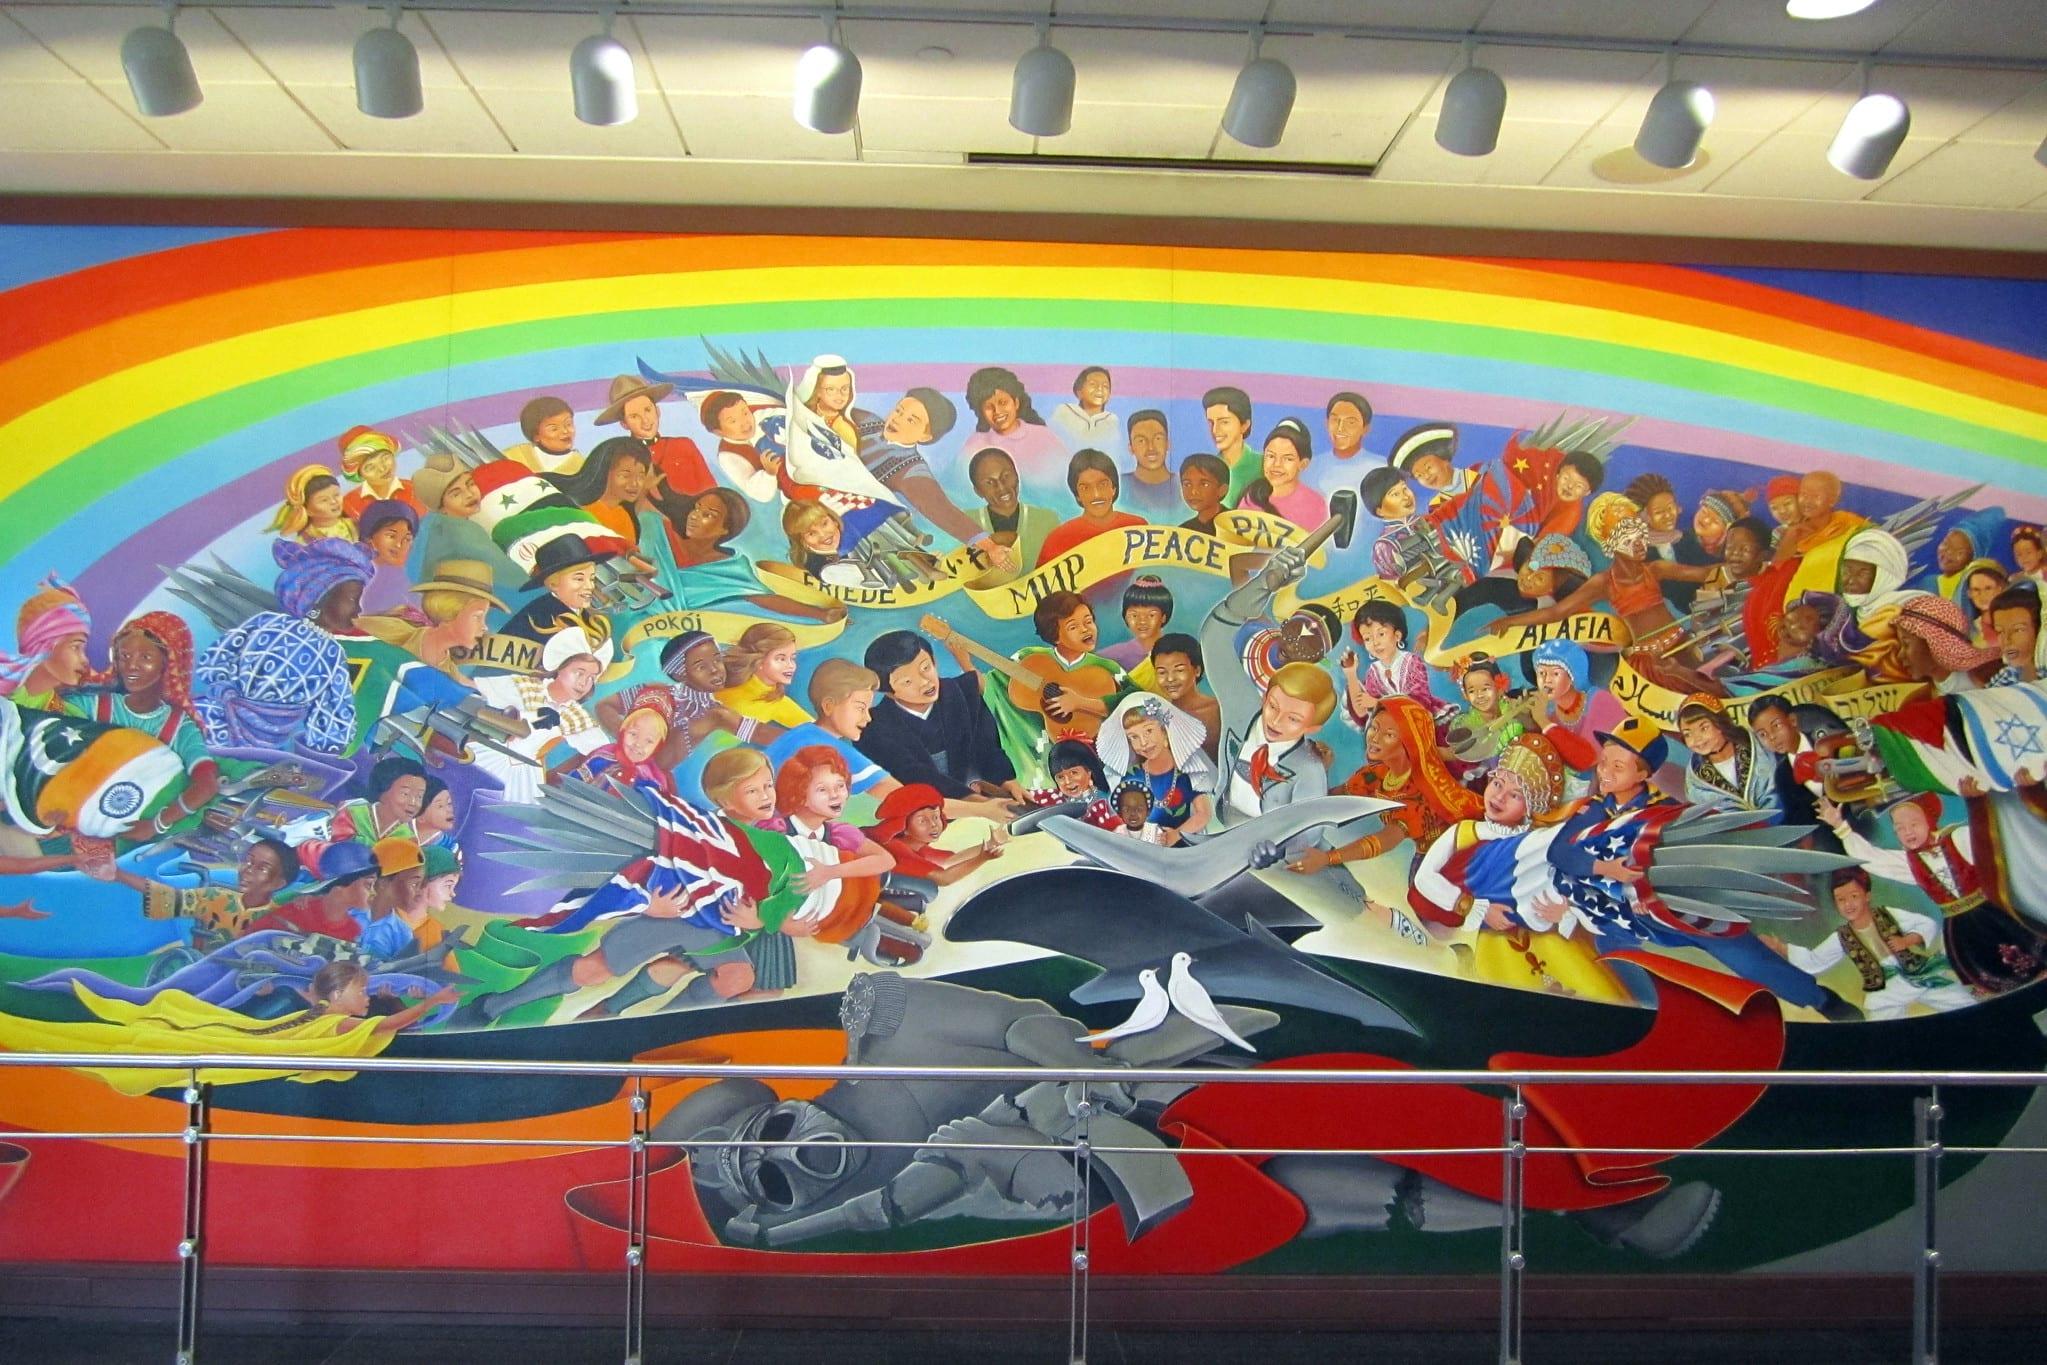 image of mural at denver international airport